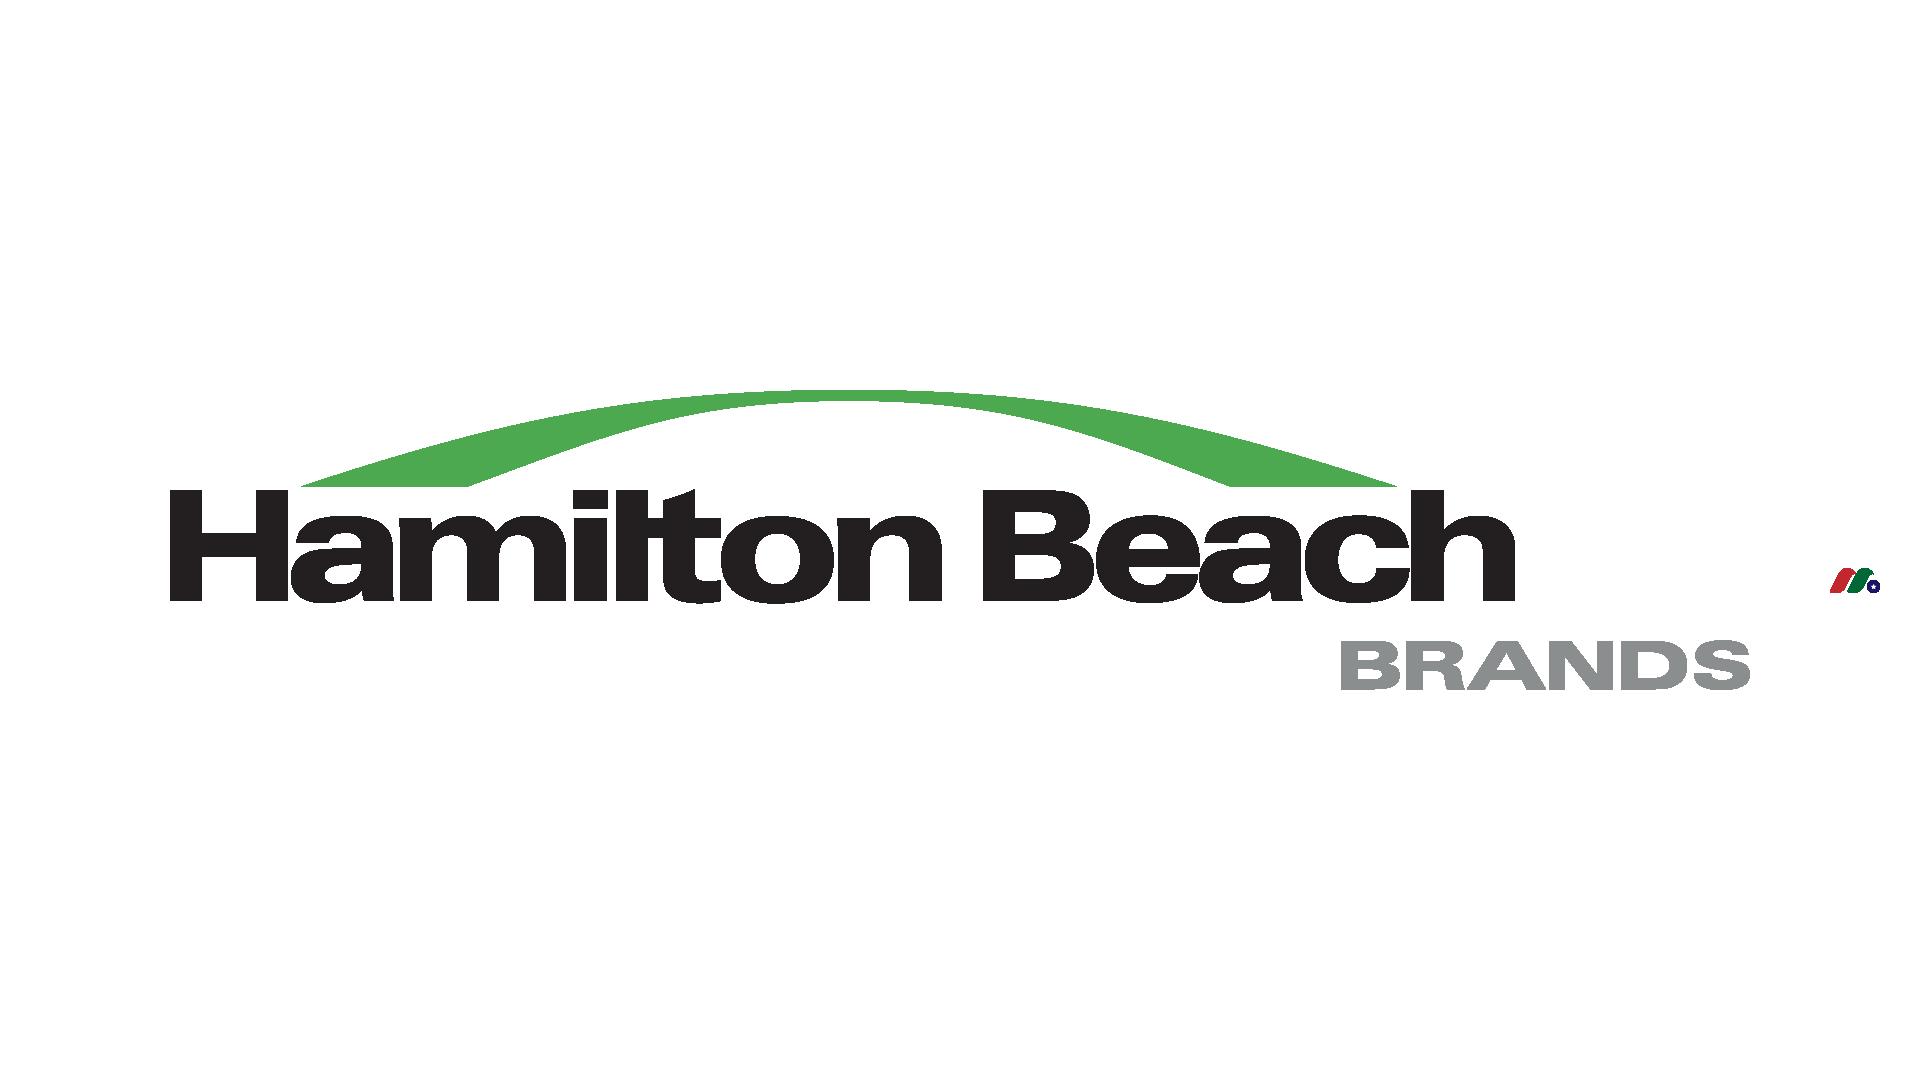 专业小家电制造商:汉密尔顿海滩品牌Hamilton Beach Brands Holding Company(HBB)